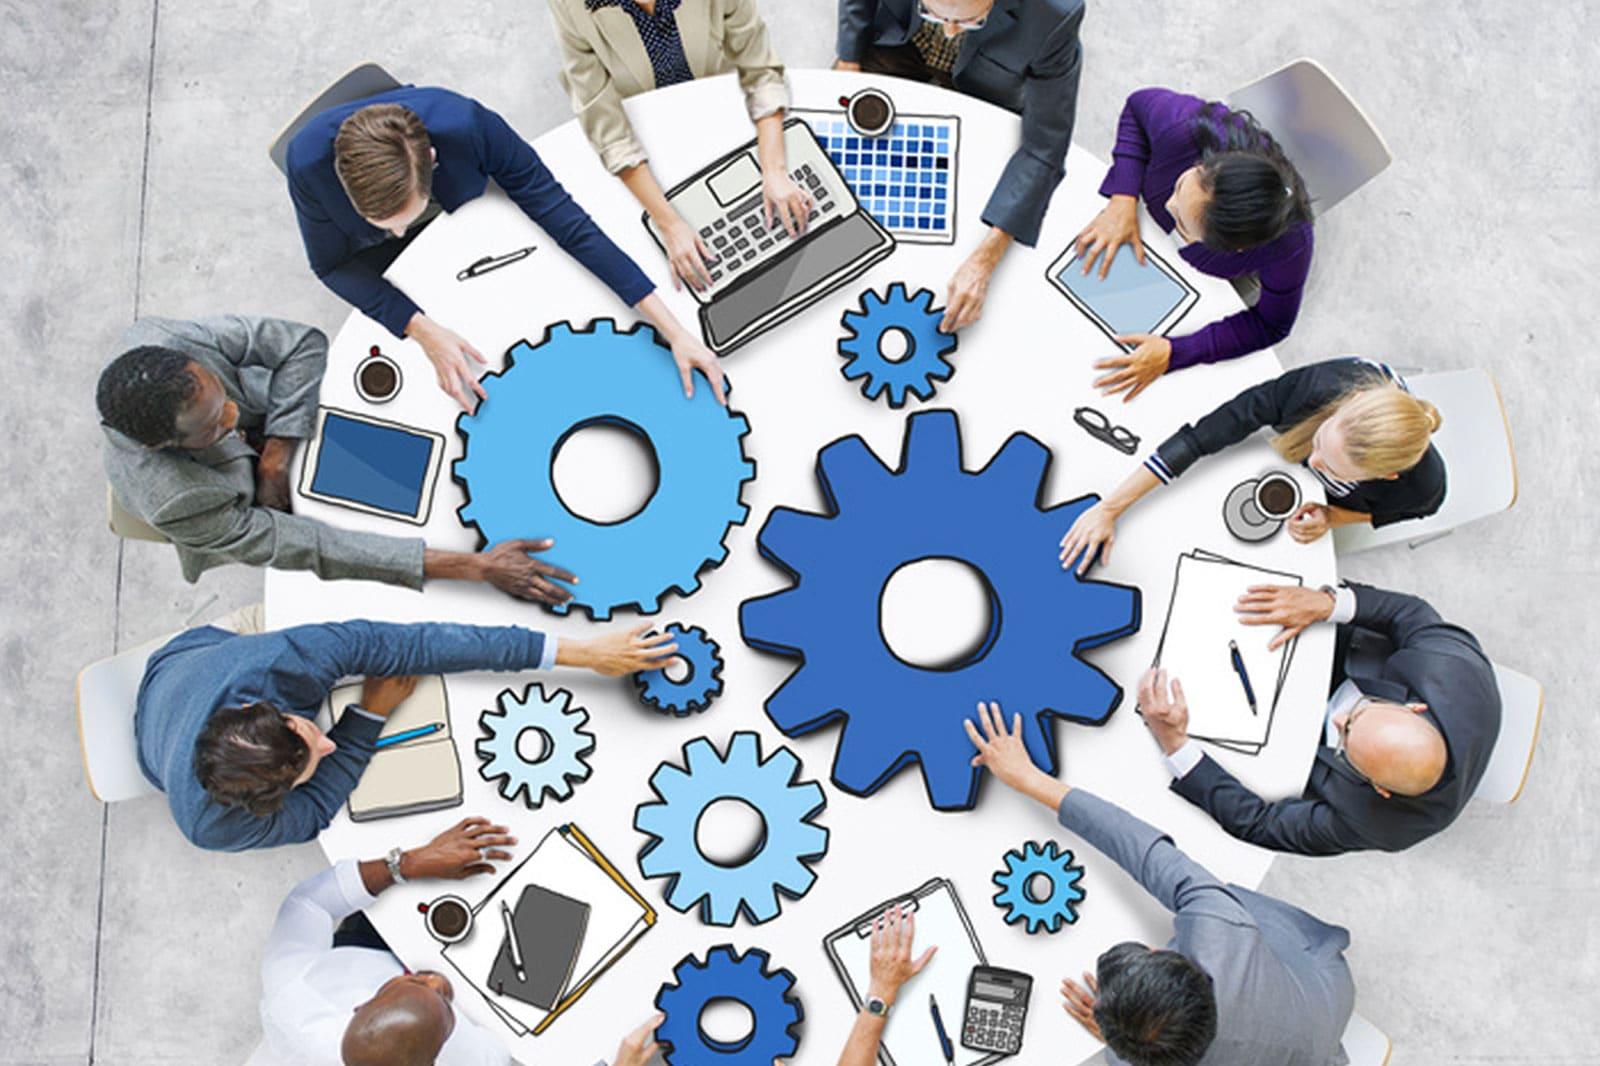 Die 3 entscheidenden Tipps für effiziente Meetings